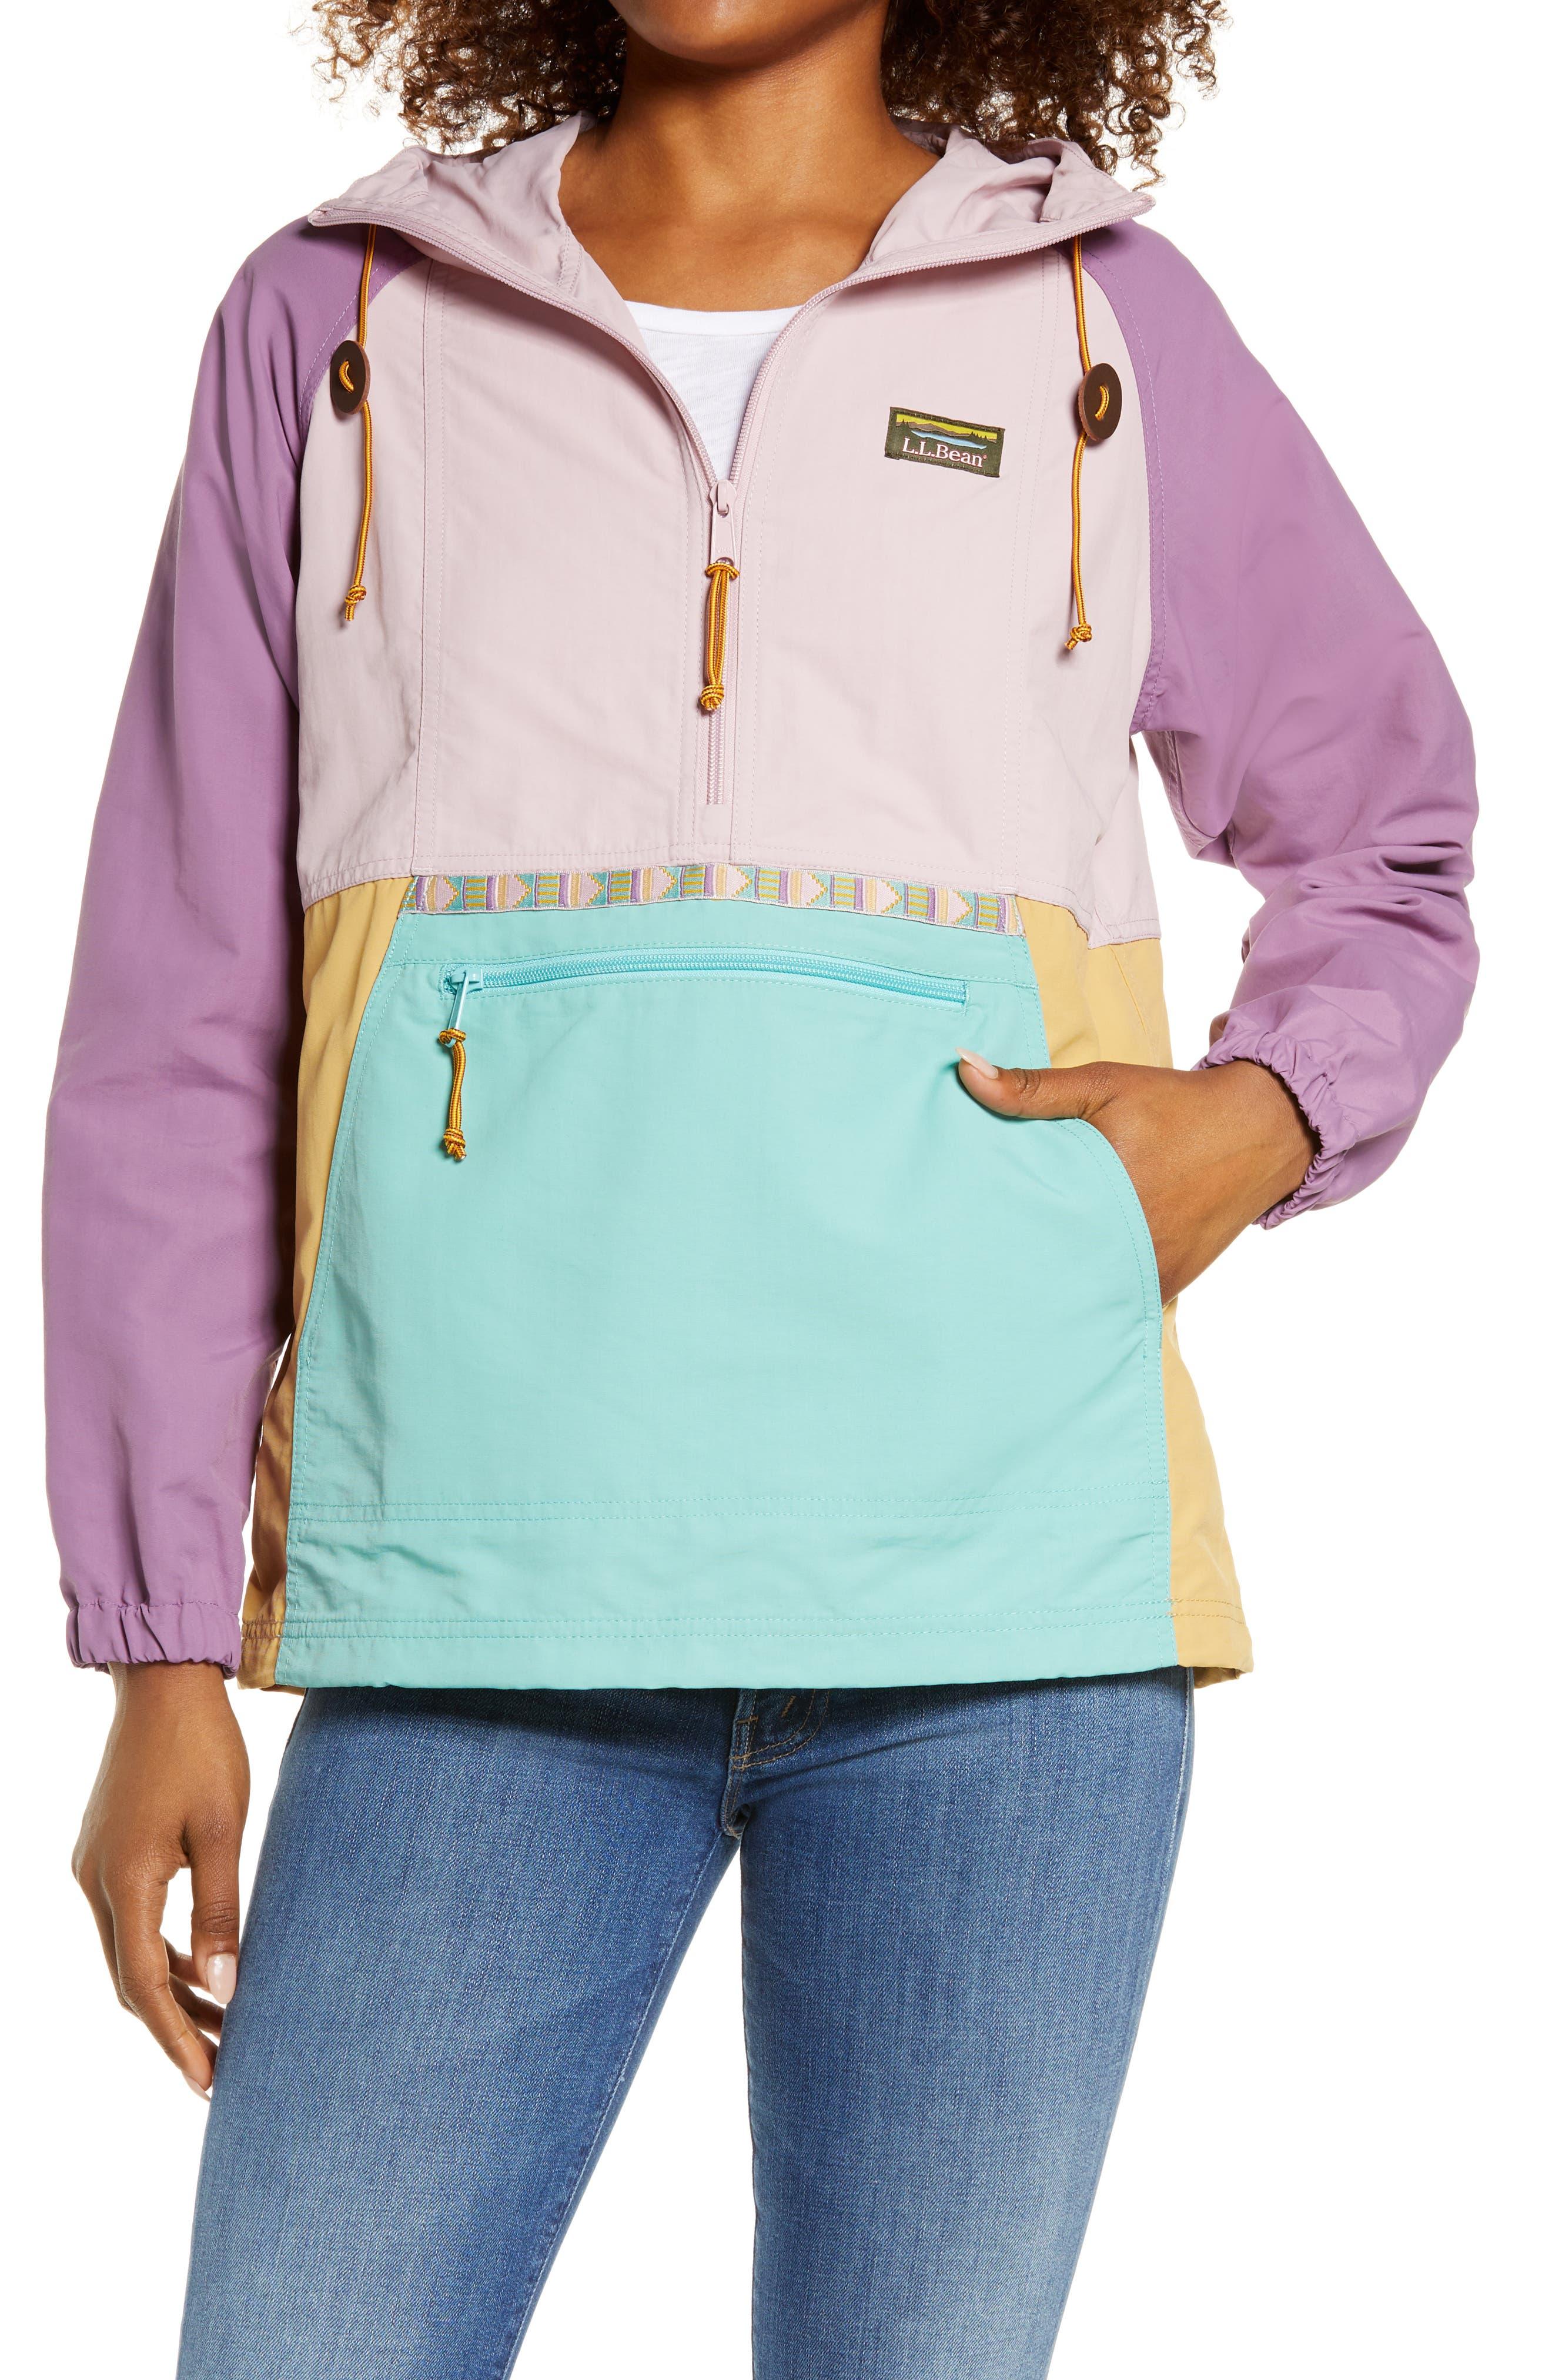 Mountain Classic Women's Packable Water Resistant Half Zip Jacket